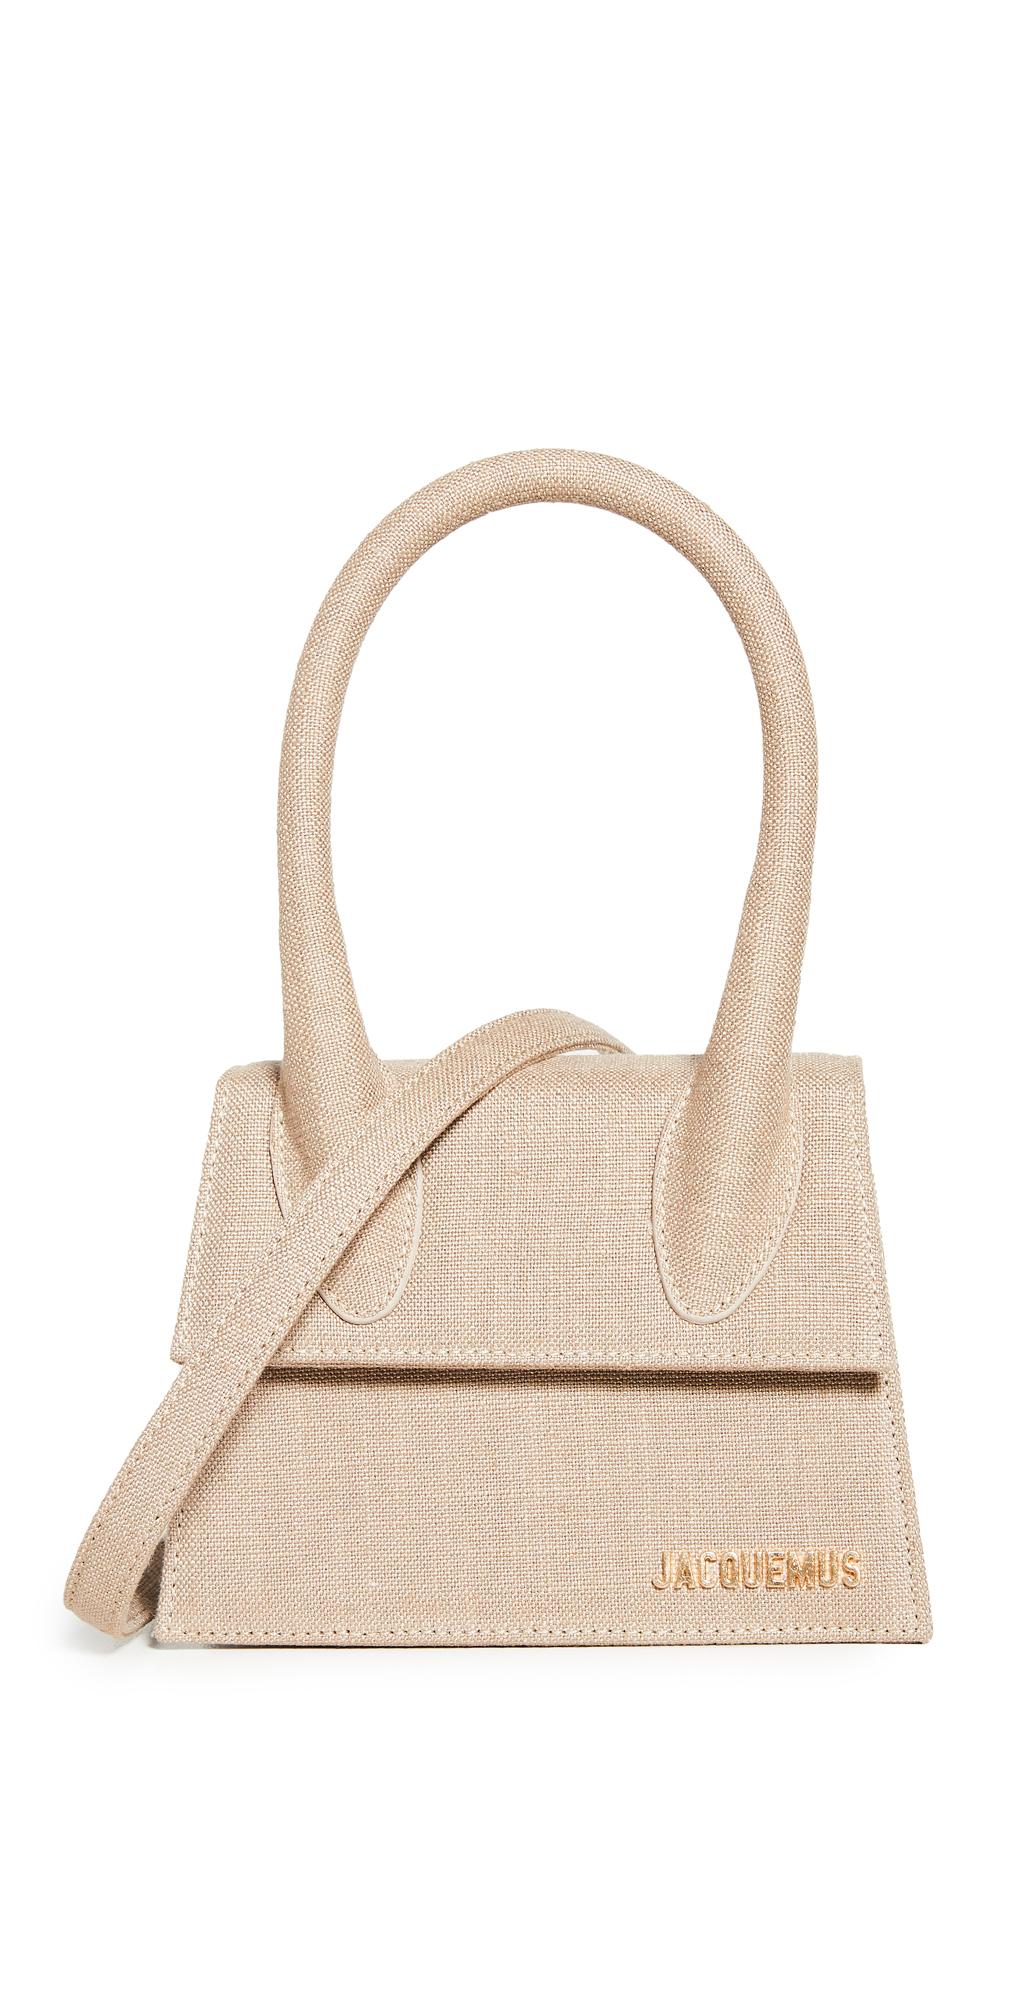 Jacquemus Le Chiquito Moyen Bags